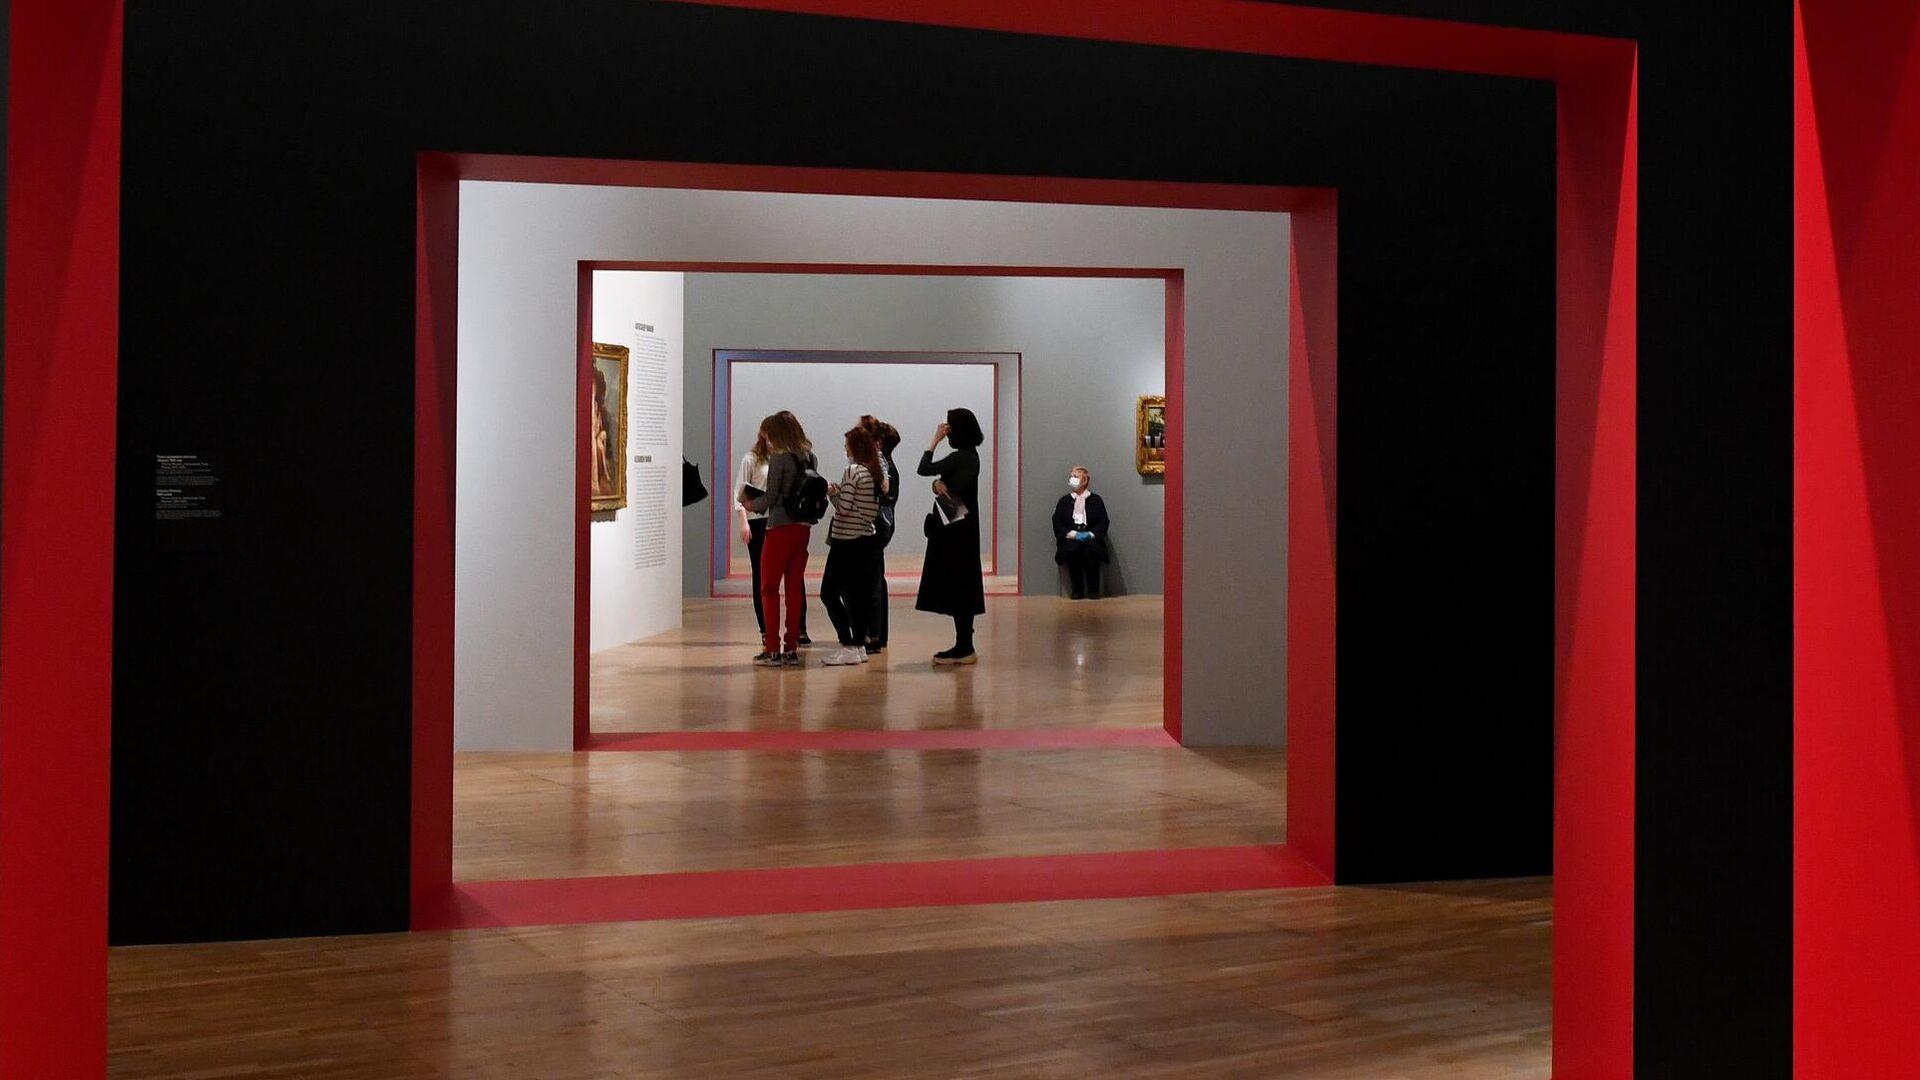 На выставке Мечты о свободе. Романтизм в России и Германии в Третьяковской галерее - РИА Новости, 1920, 23.04.2021